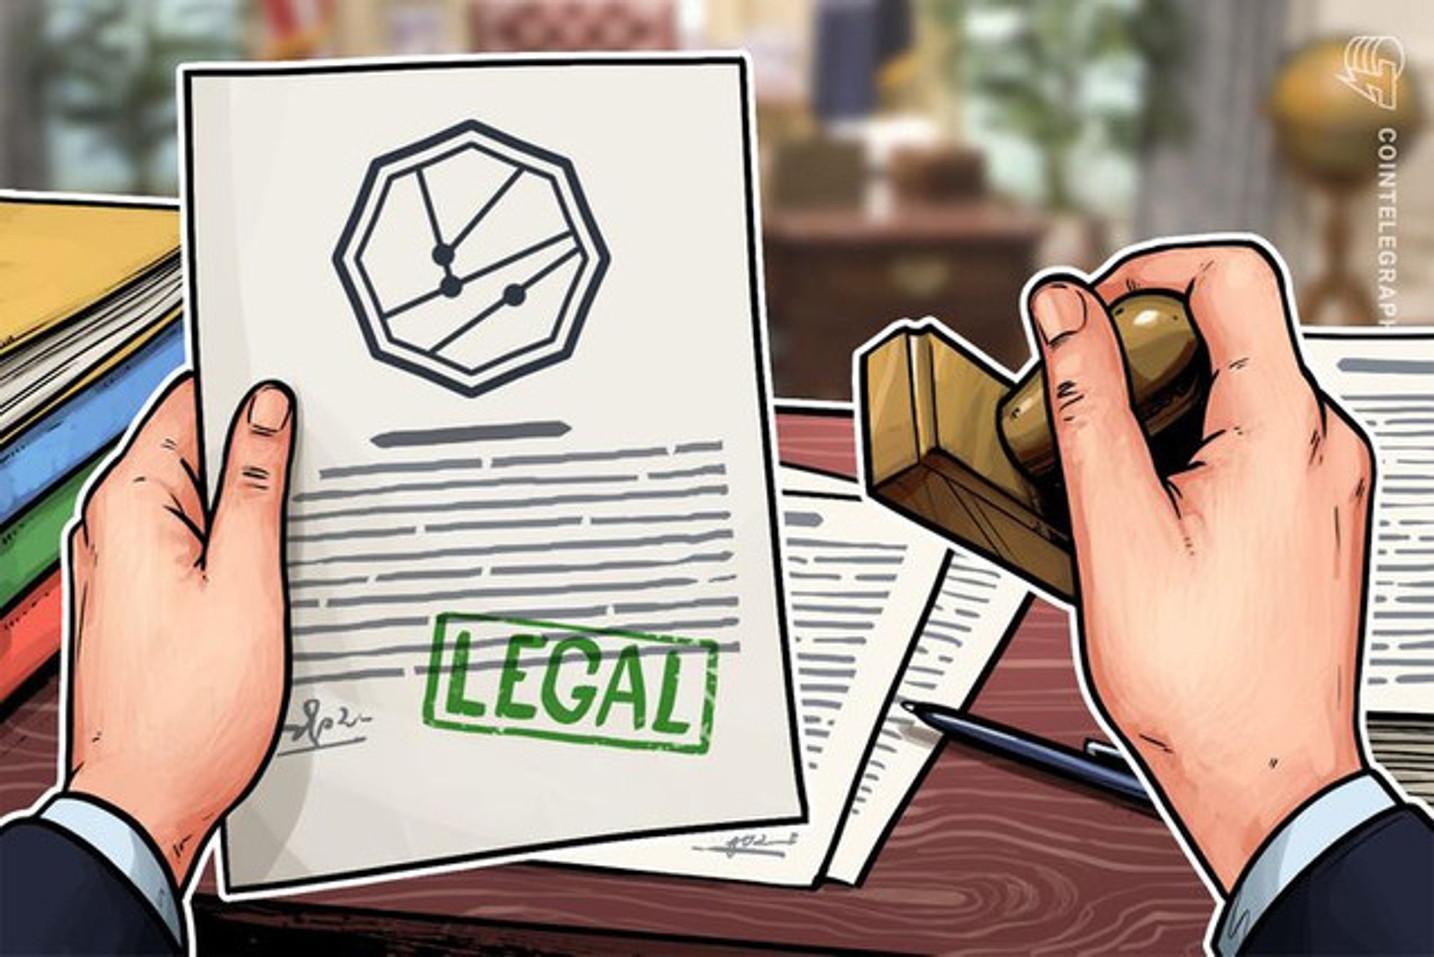 Consultorio jurídico español lanza aplicación integrada con tecnología Blockchain para servicios legales